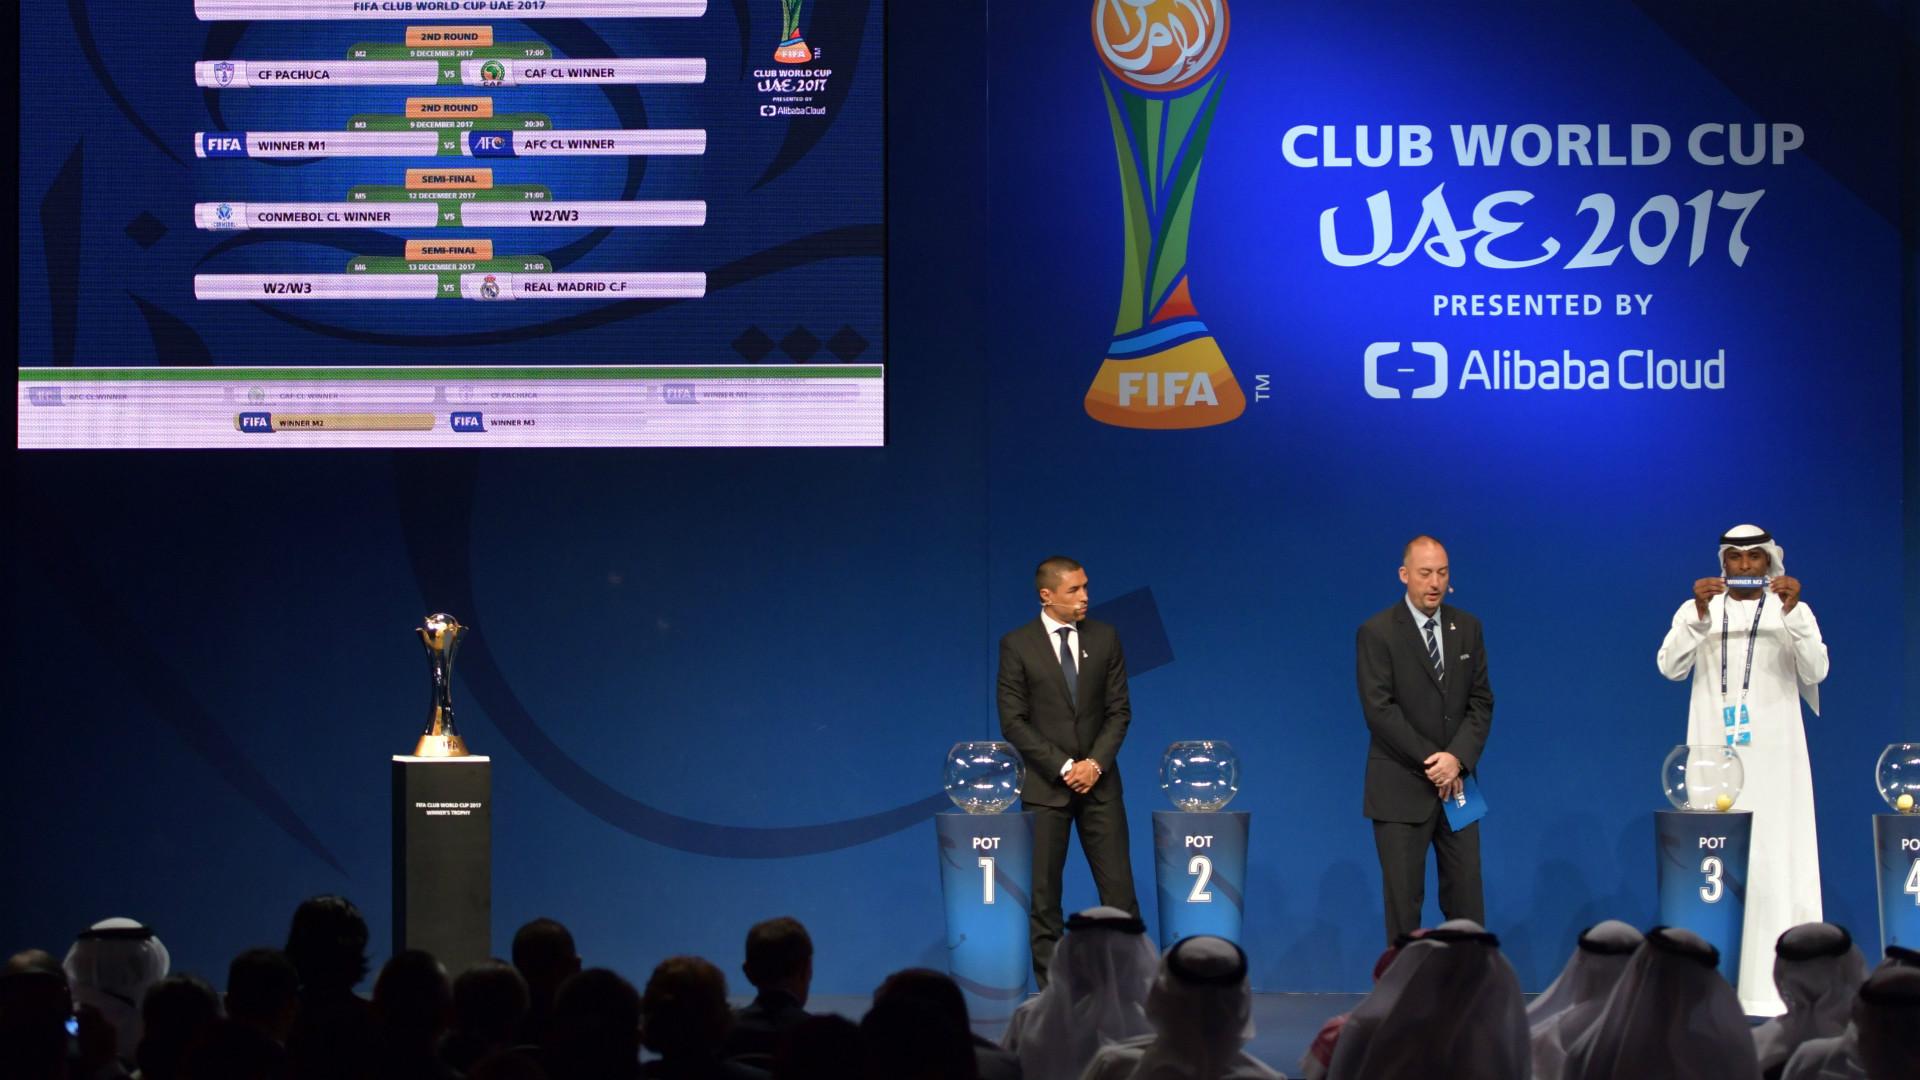 club World cup 2017